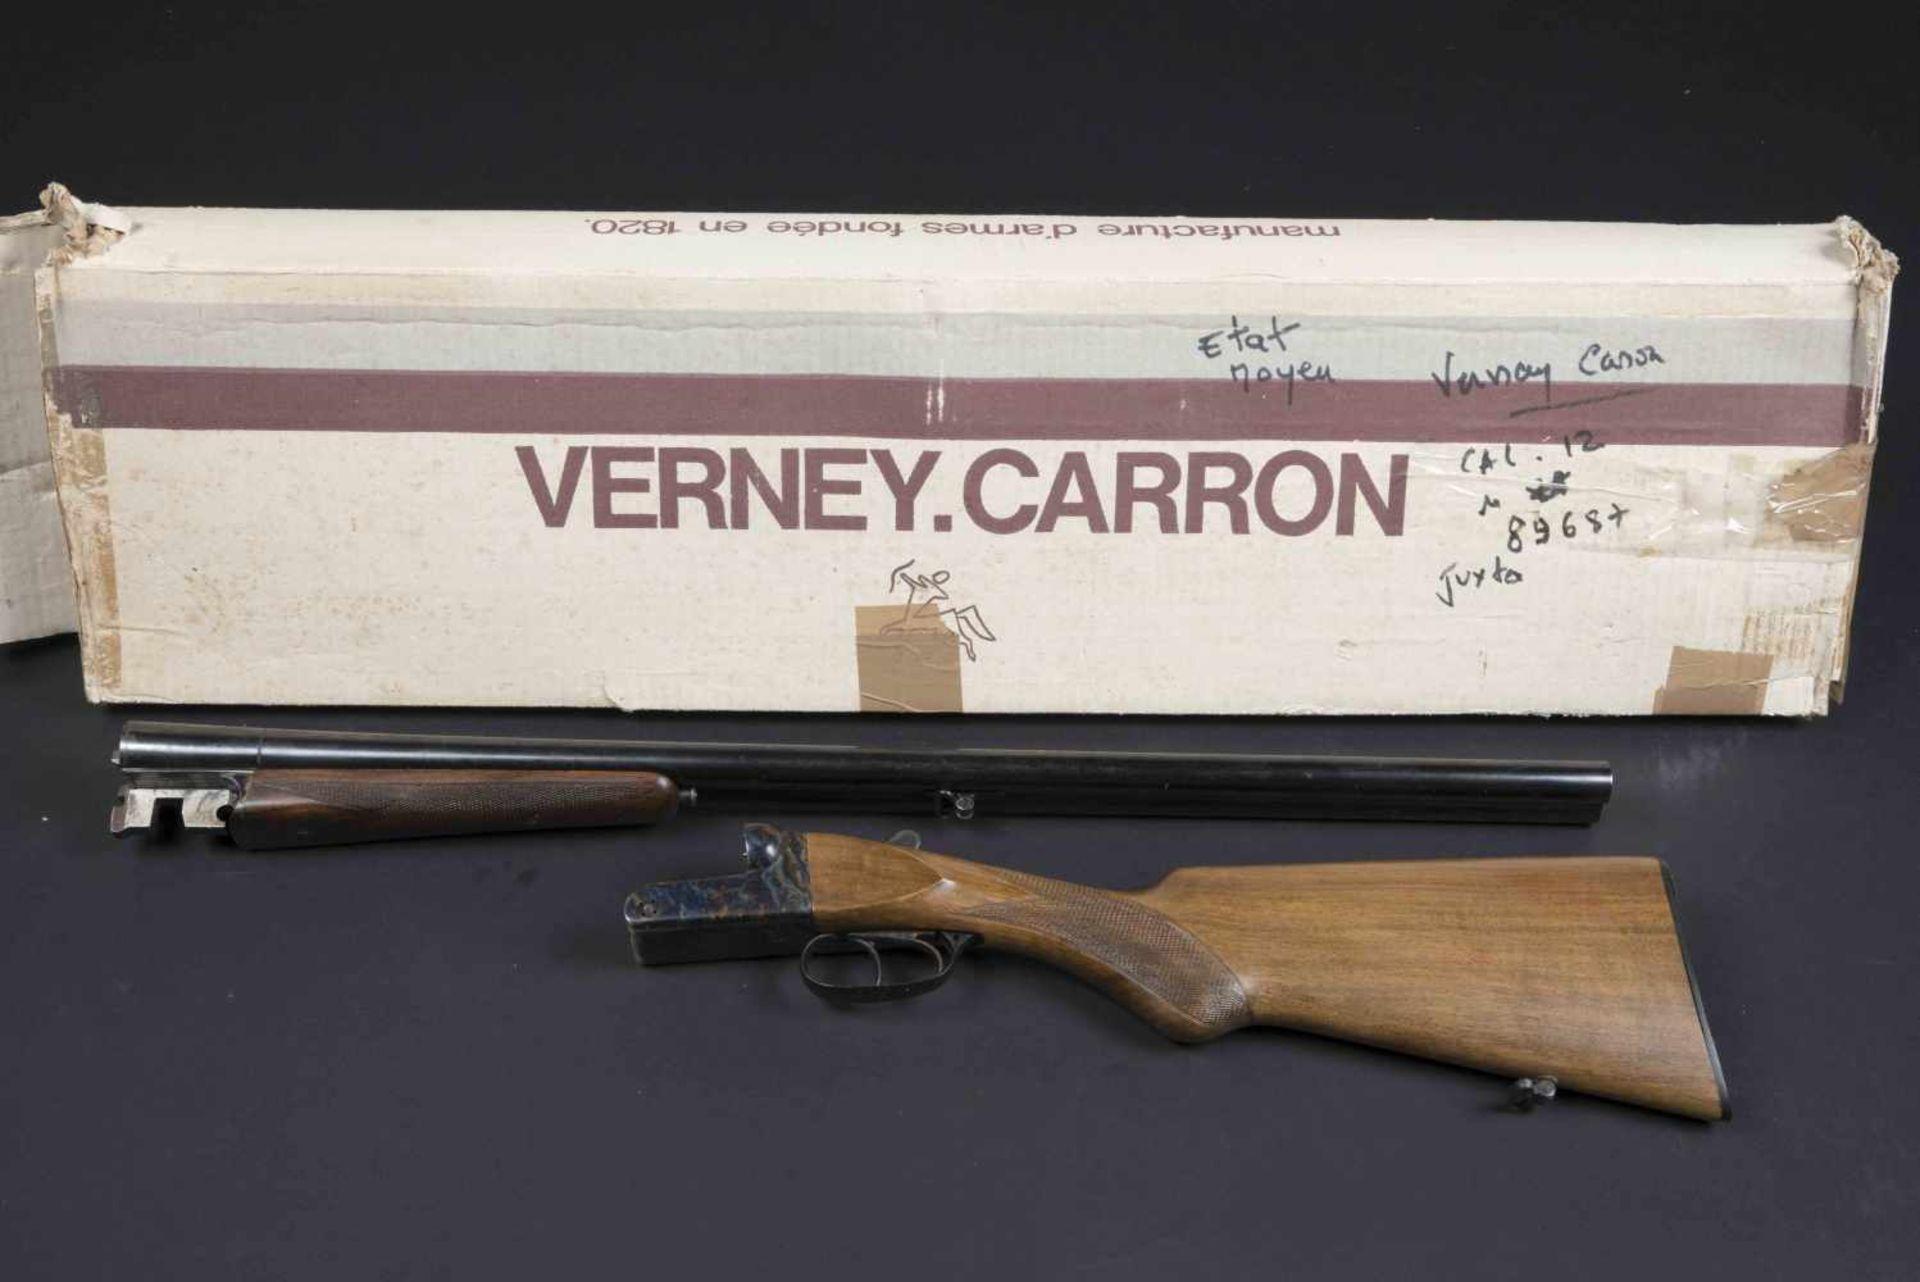 Fusil de chasse Verney Carron Catégorie C Modèle Pionnier, numéro 89687. Canon Verney Carron.